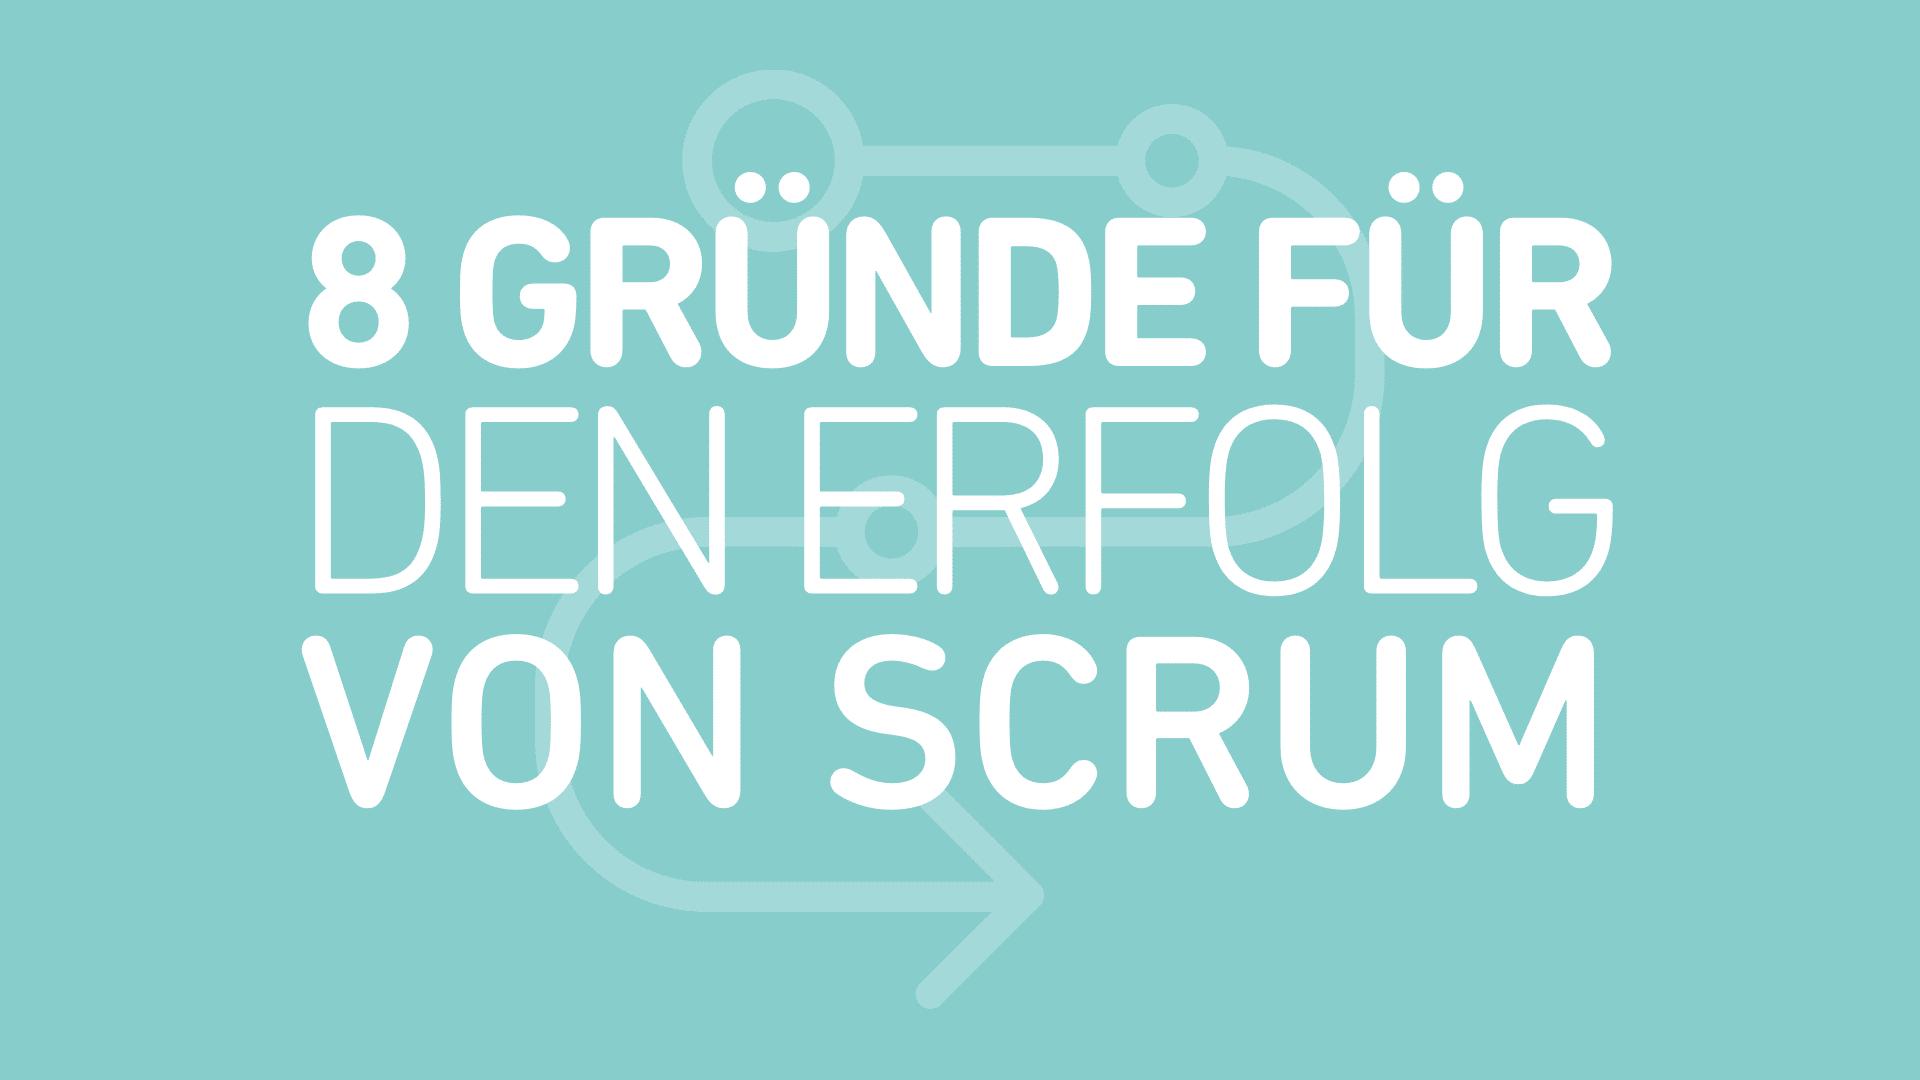 8-Gruende-fuer-den-Erfolg-von-SCRUM